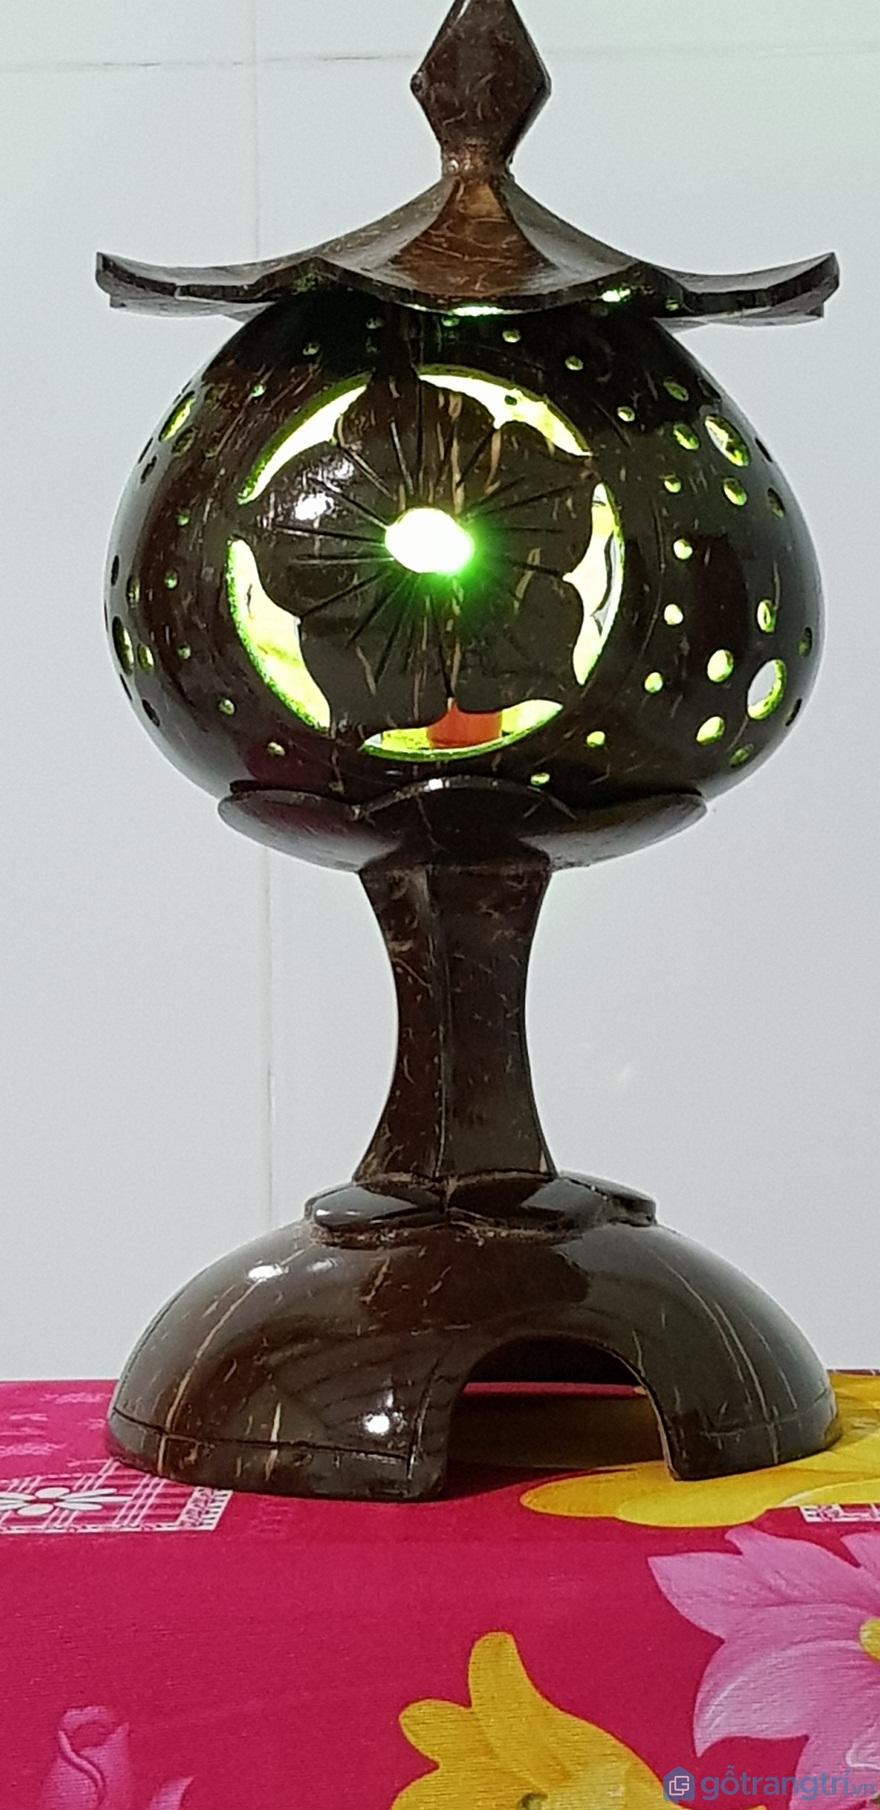 Đèn ngủ tháp gáo dừa bến tre nghệ thuật - Ảnh: Internet